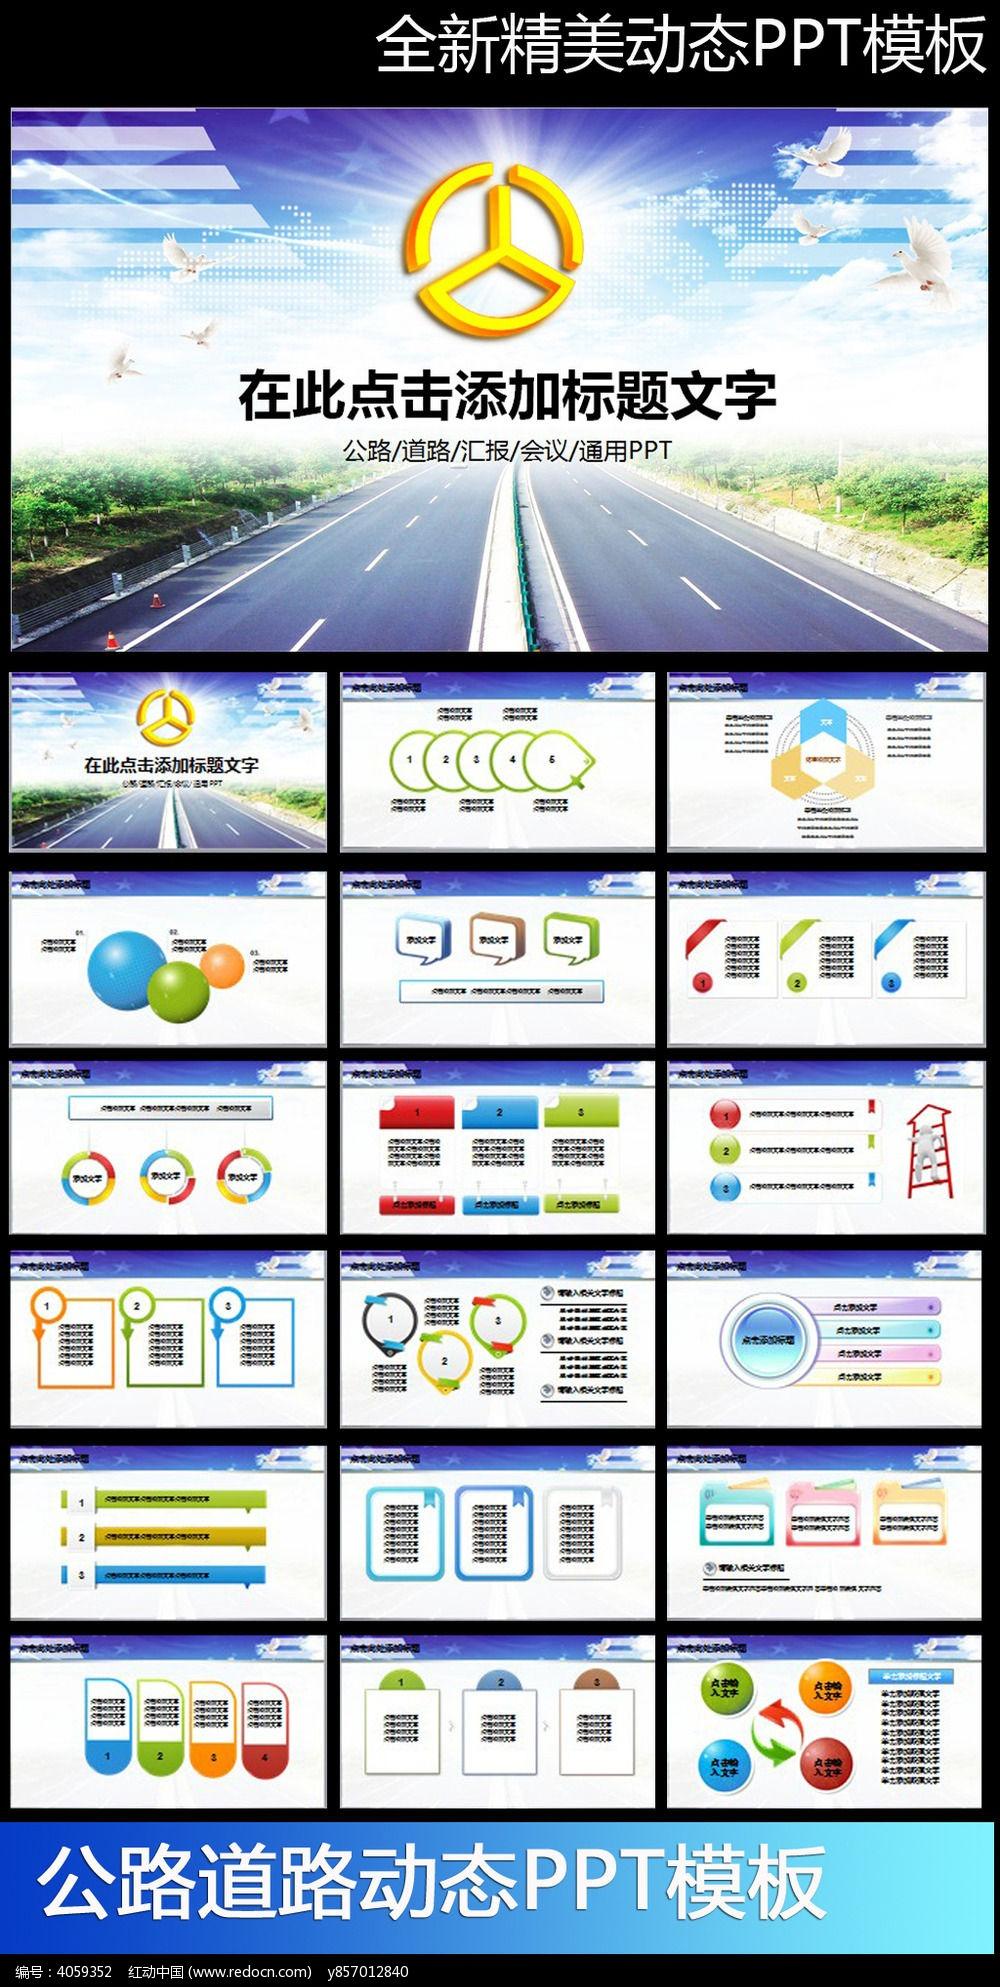 公路运输ppt模板